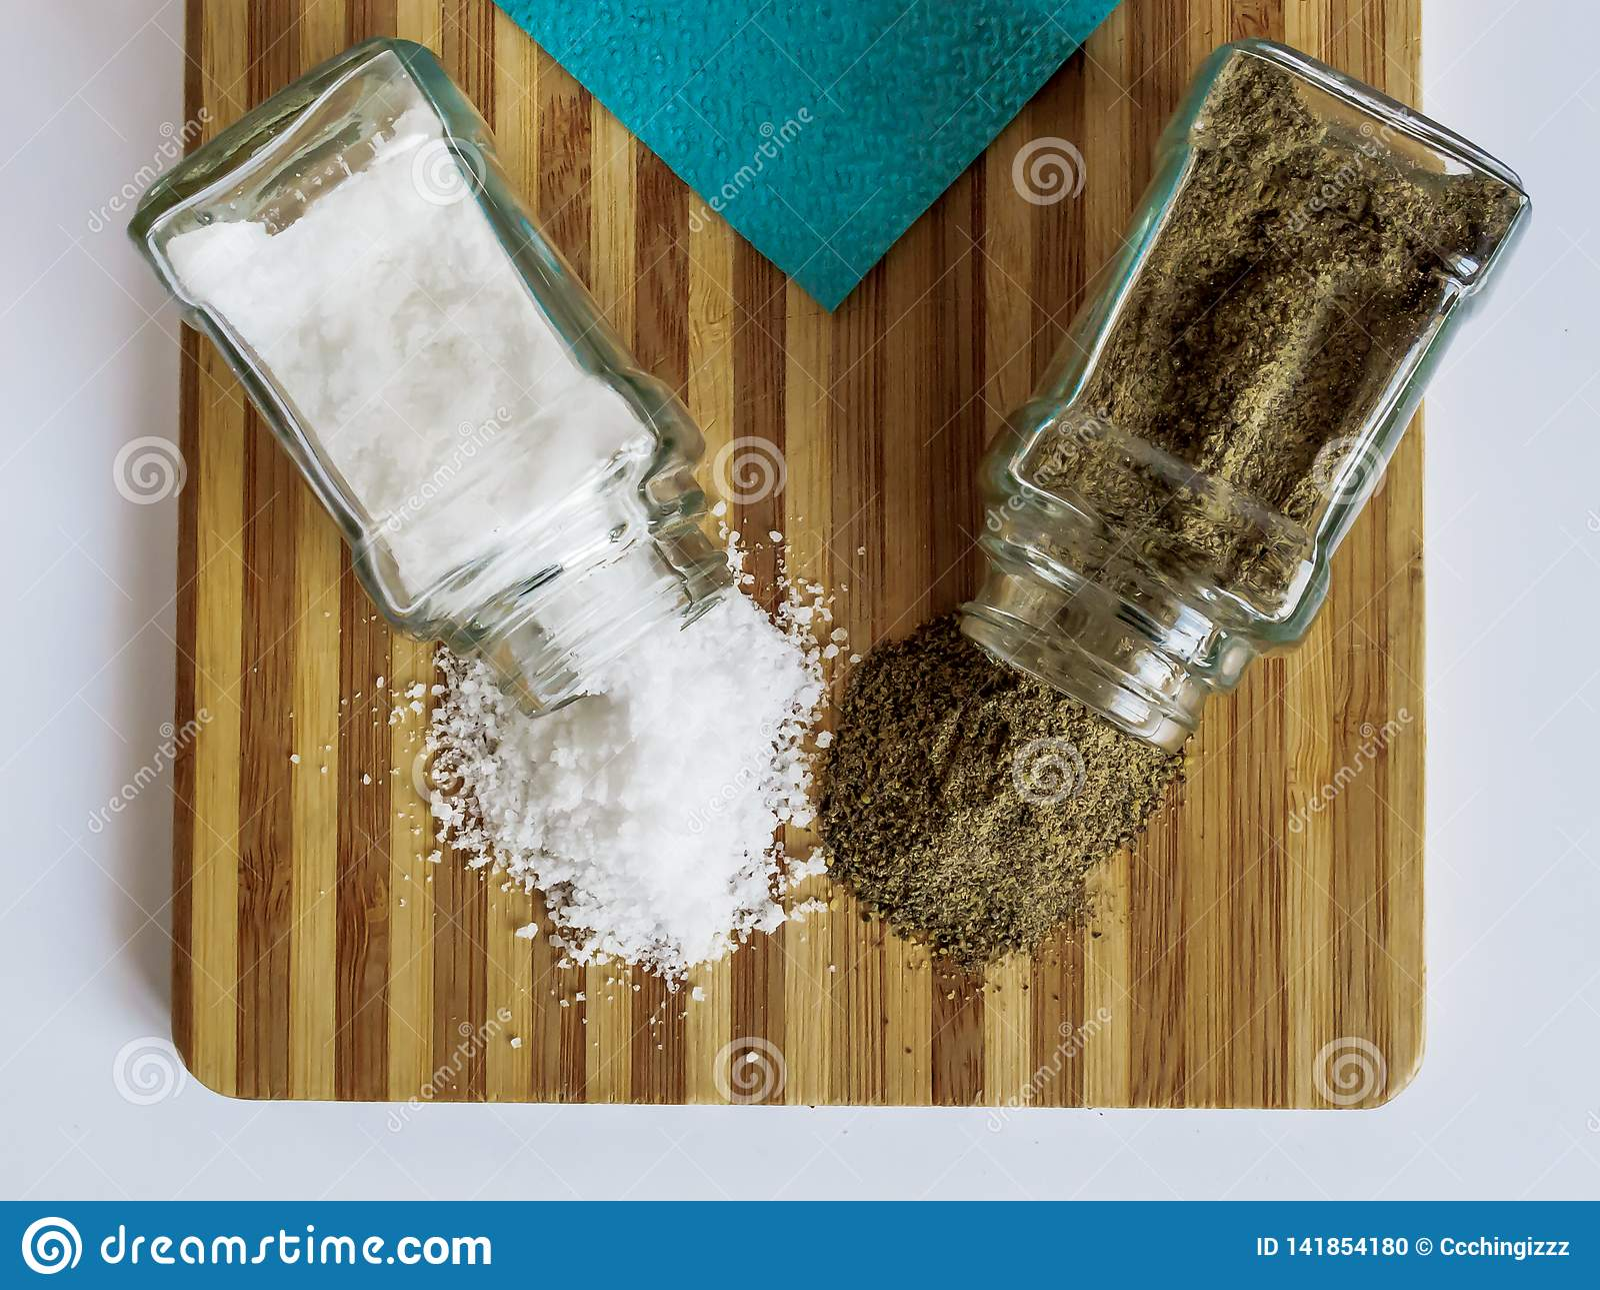 Sel et poivre dispersés des dispositifs trembleurs de sel en verre et des dispositifs trembleurs de poivre sur une planche à déco